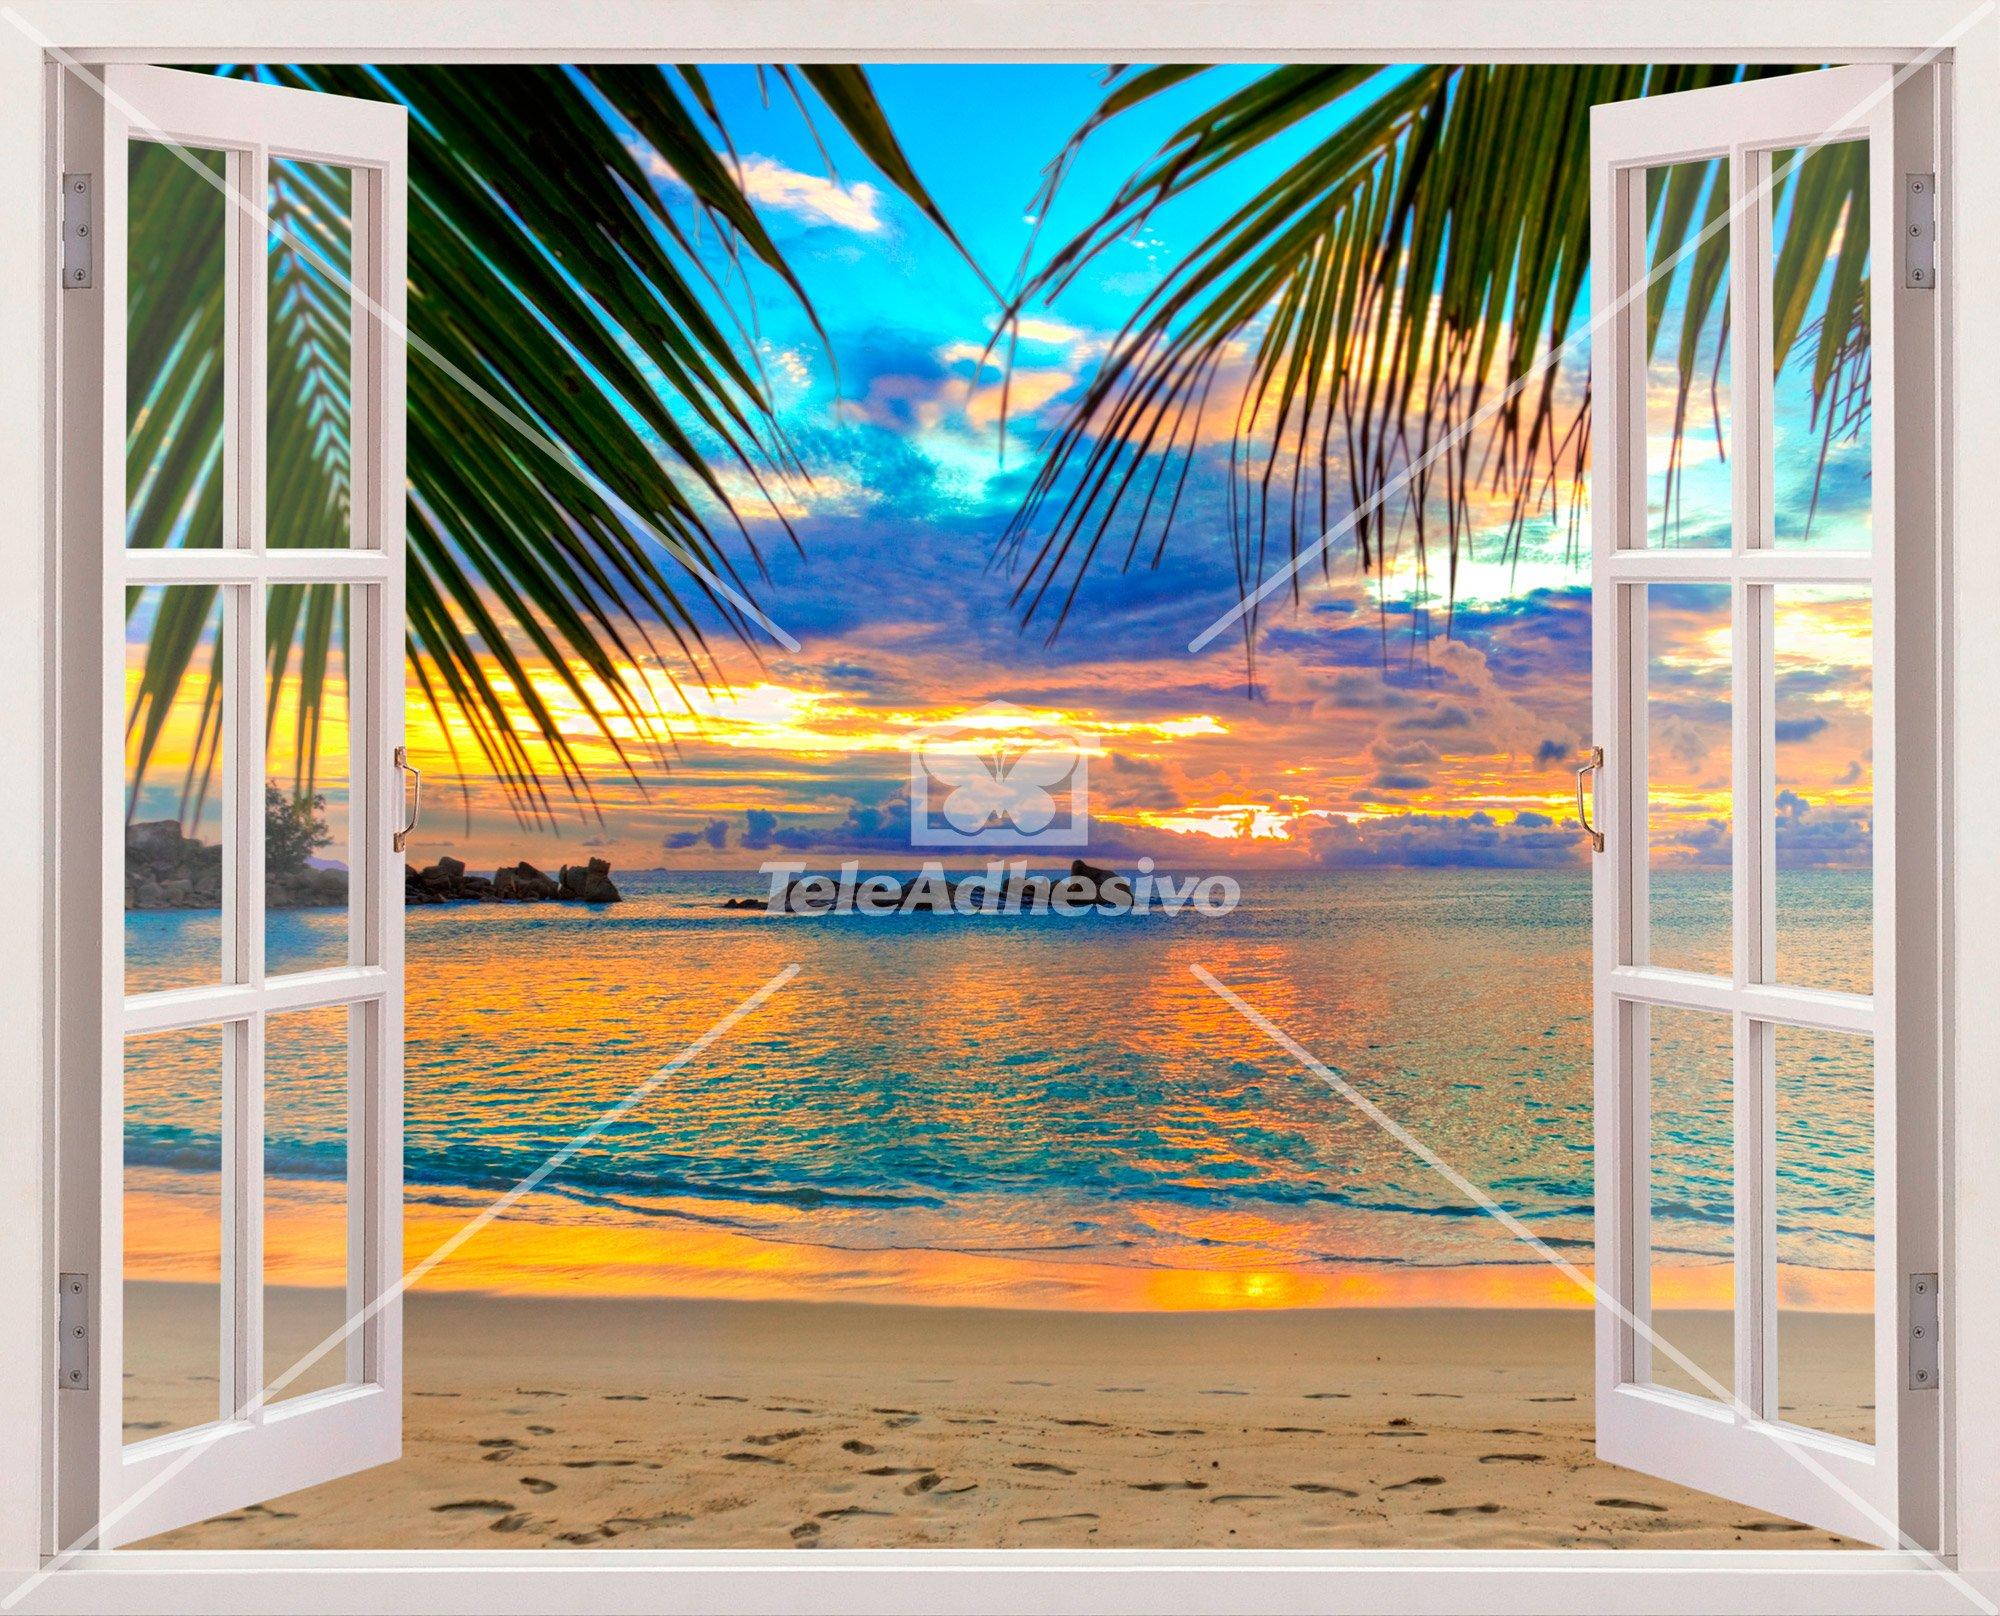 Coucher de soleil sur la plage for Fenetre ouverte sur paysage